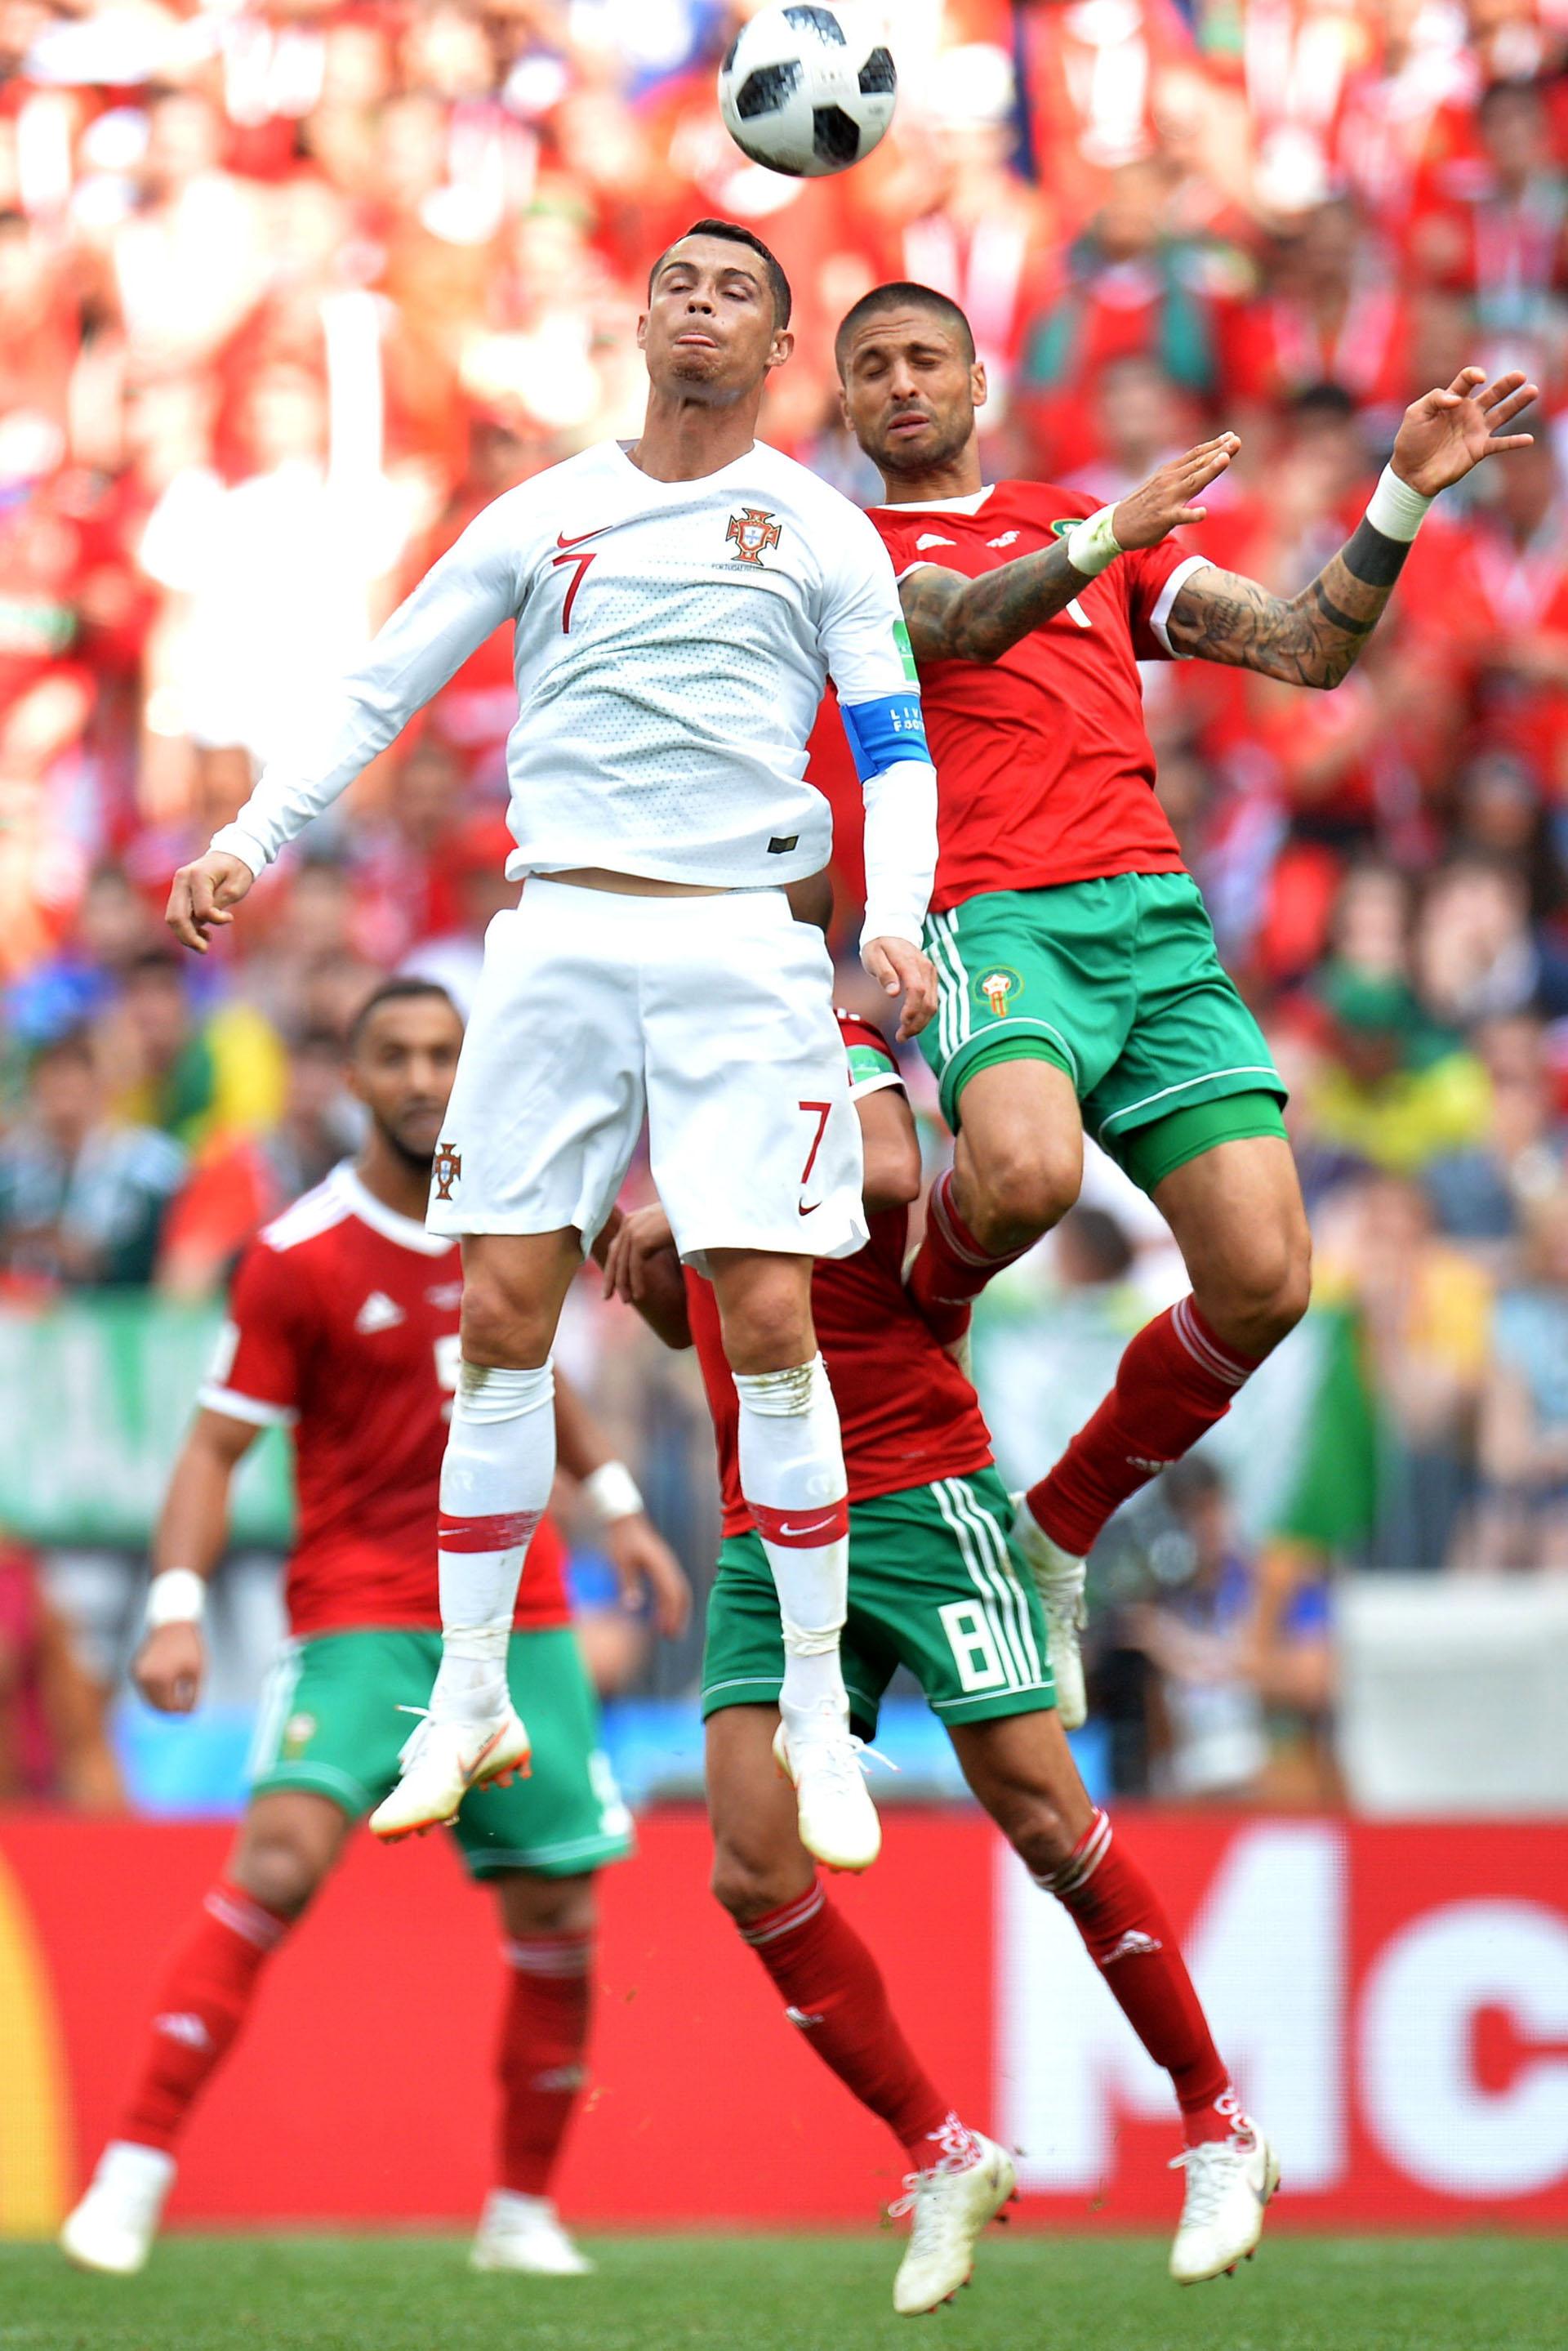 El portugués gana por centímetros. EFE